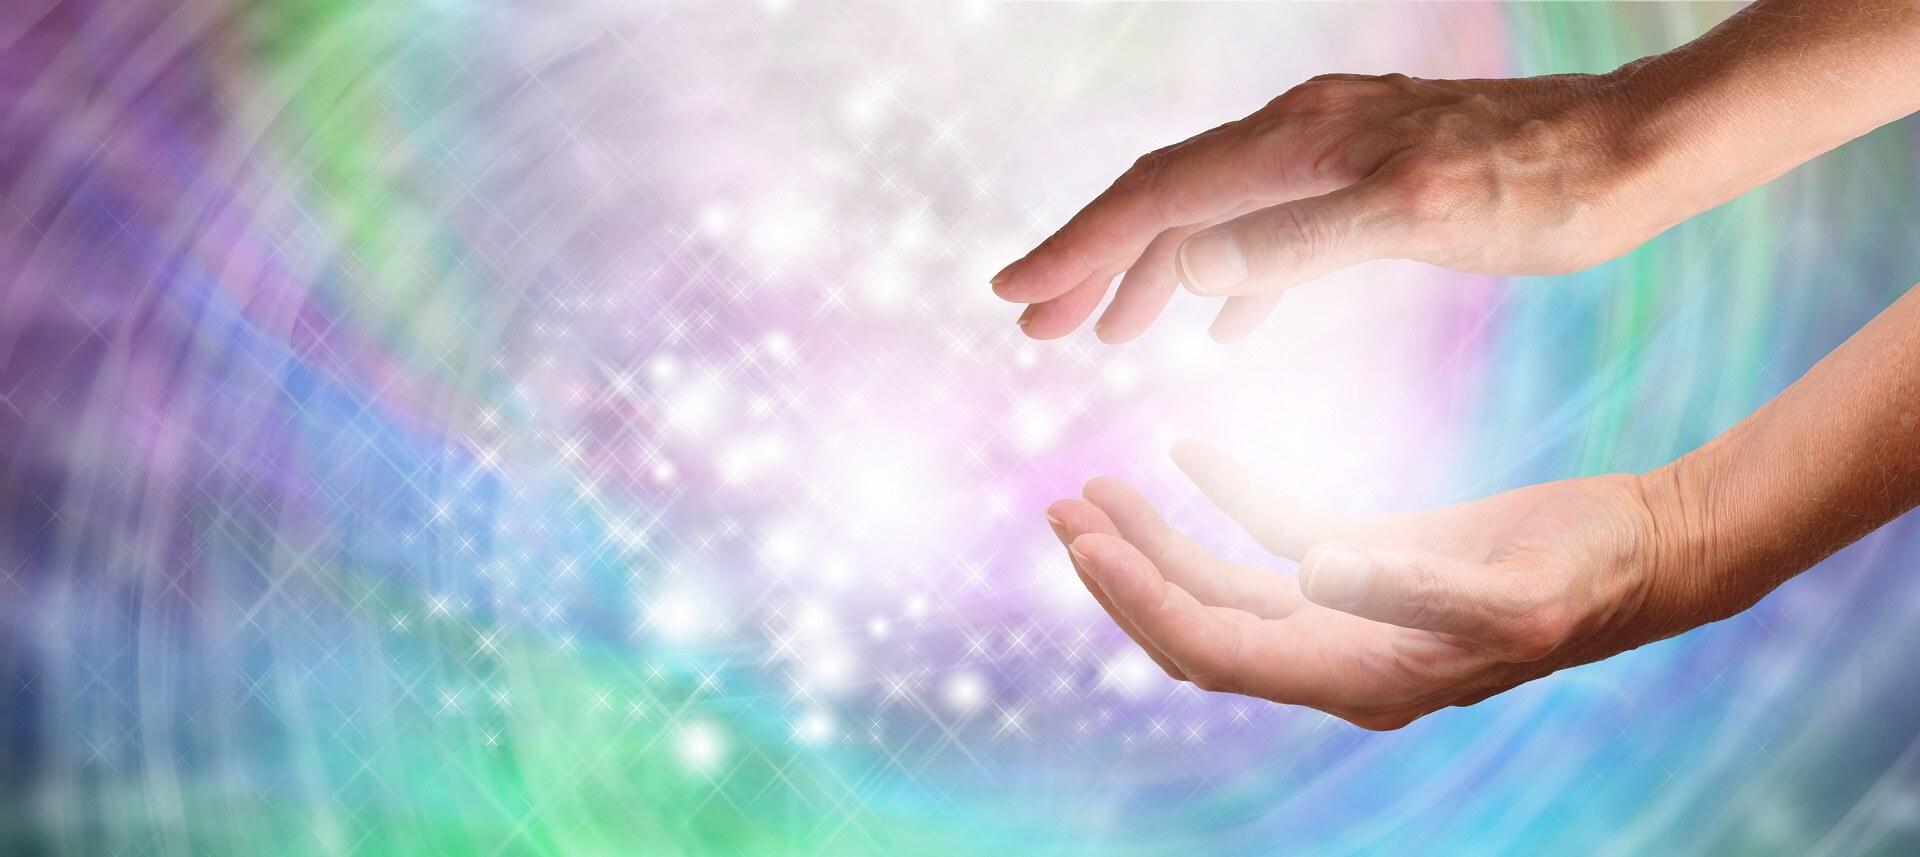 La thérapie énergétique est une pratique dans laquelle un thérapeute expérimenté aide le client dans sa quête de guérison.